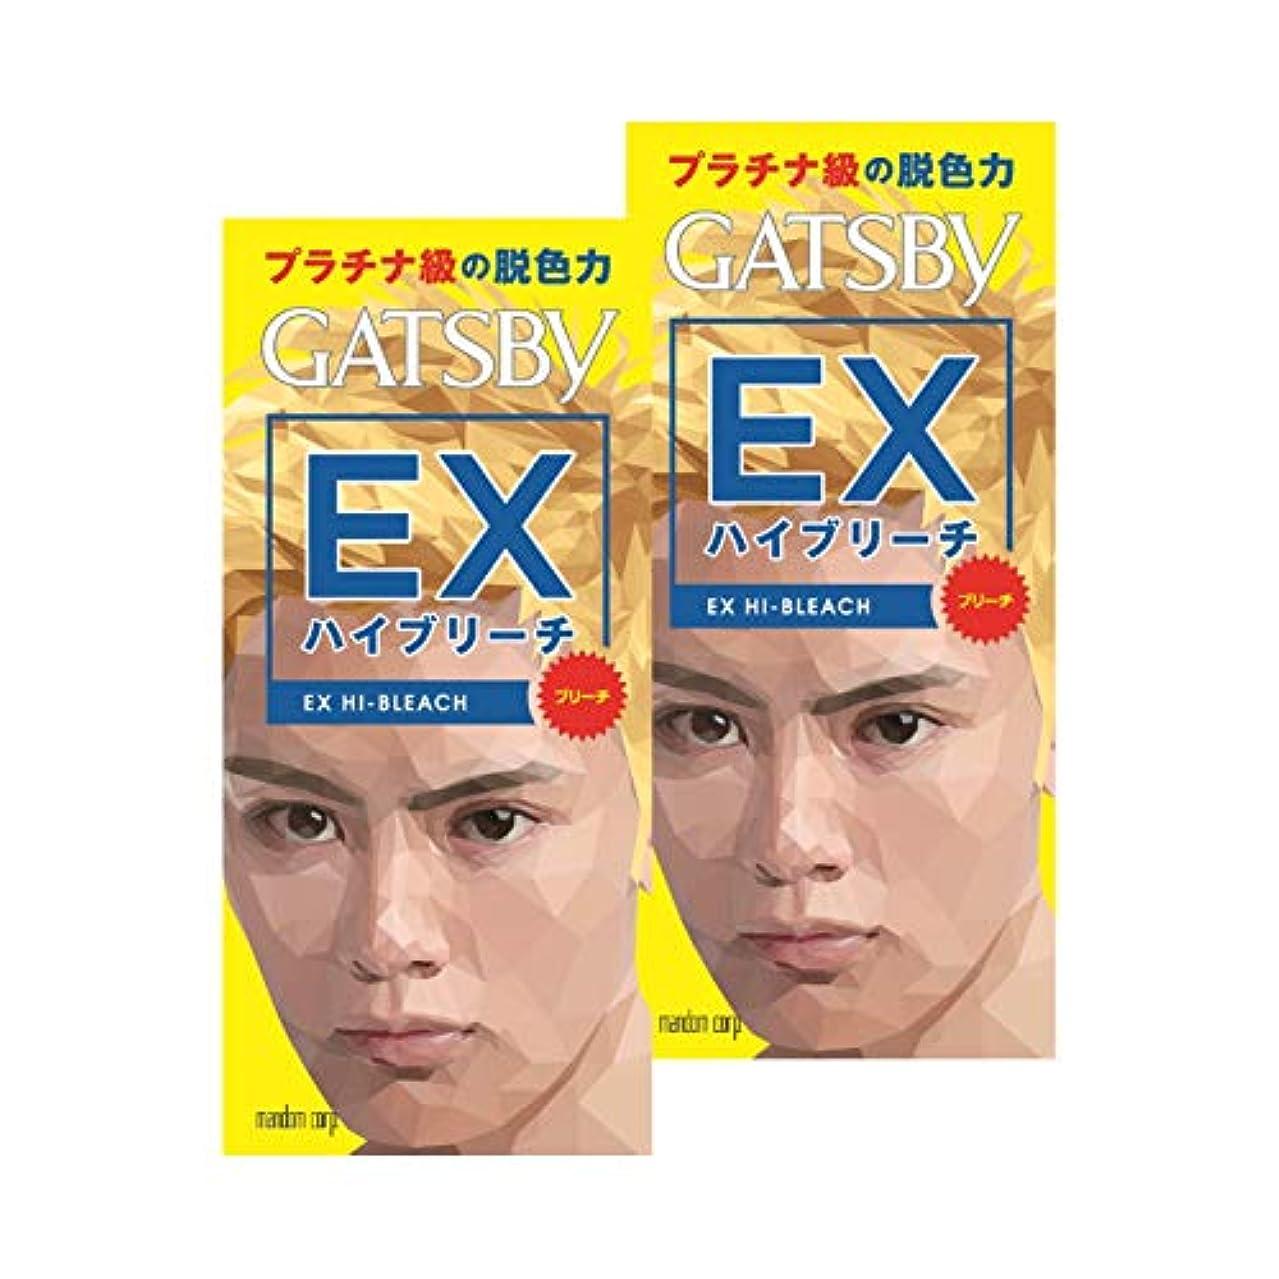 見分けるアテンダントランク【まとめ買い】ギャツビー (GATSBY) EXハイブリーチ 2個パック メンズ用 ブリーチ剤 ミディアムヘア約2回分 (医薬部外品)